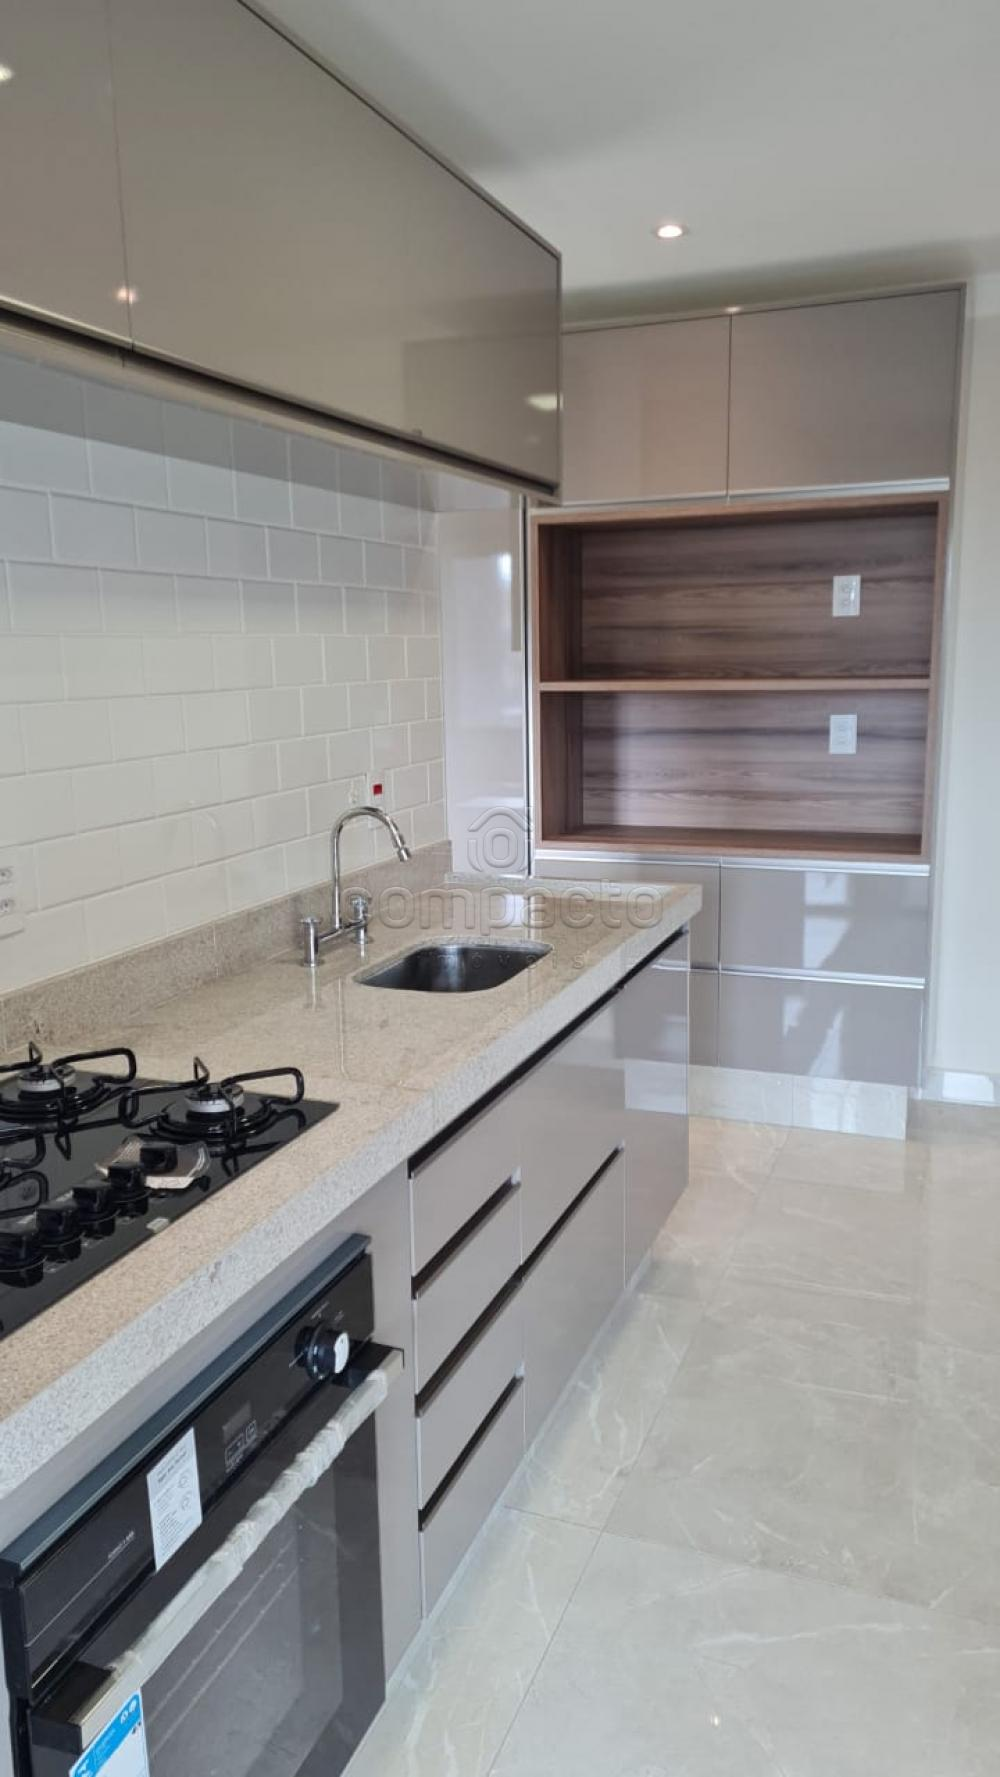 Alugar Apartamento / Padrão em São José do Rio Preto apenas R$ 3.600,00 - Foto 12